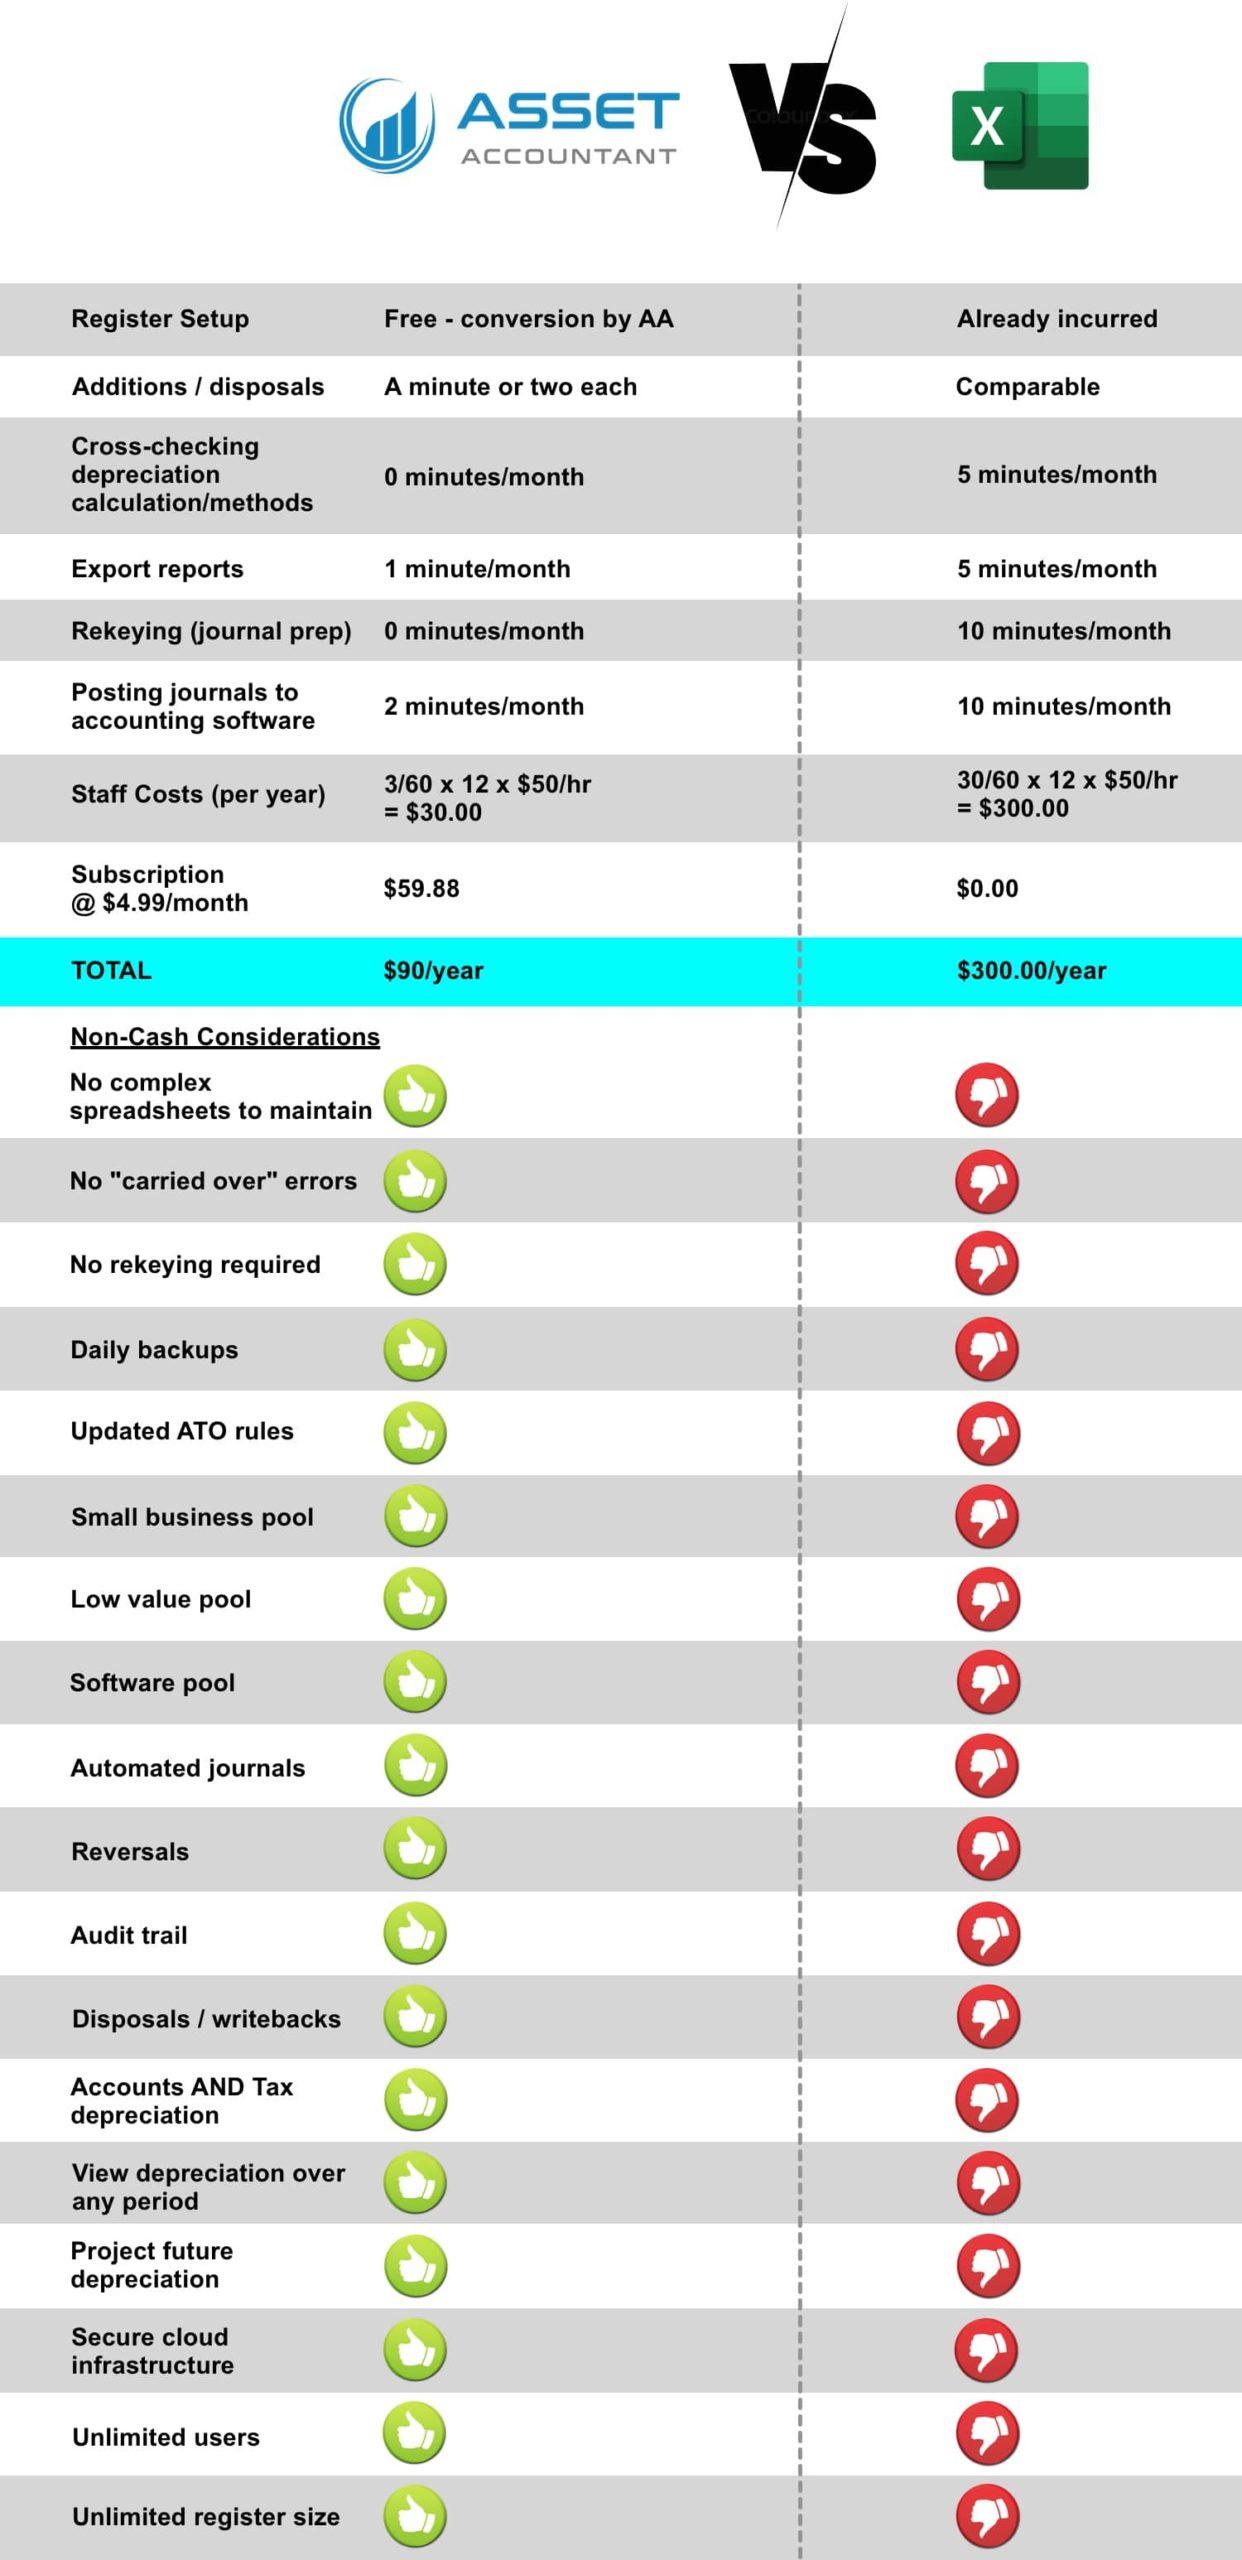 AssetAccountant vs Excel Comparison